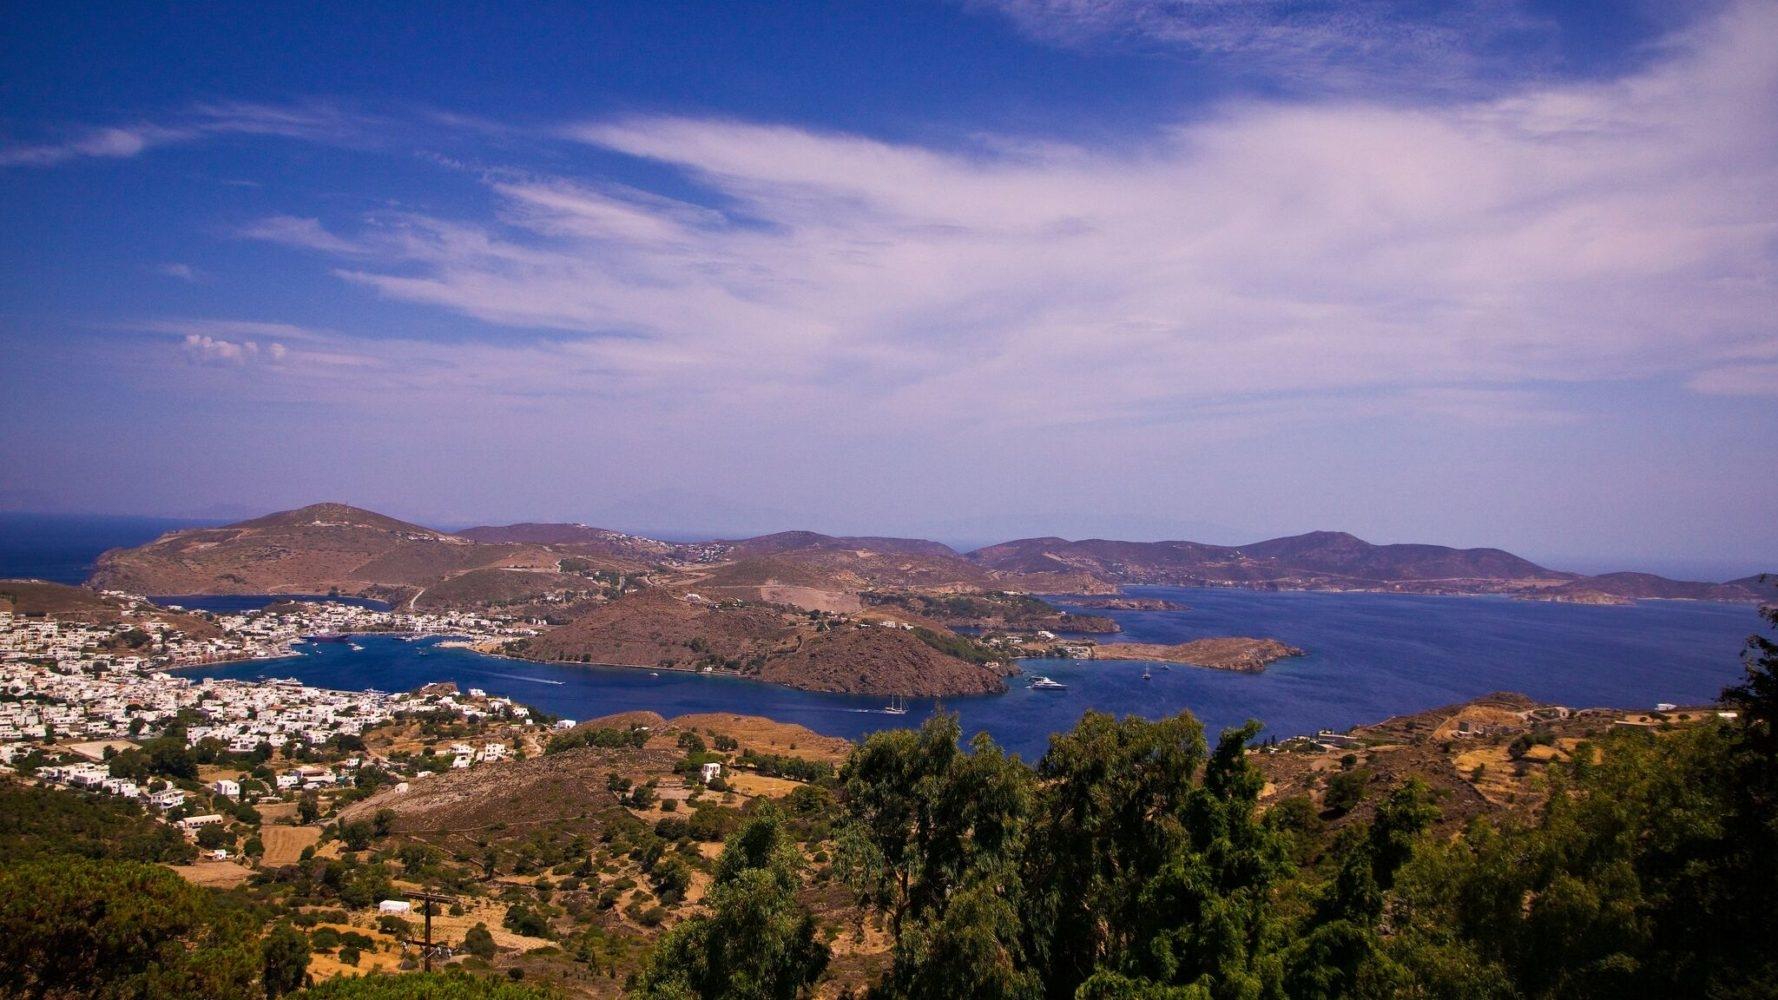 L'île de Patmos en grèce dans le Dodécanèse